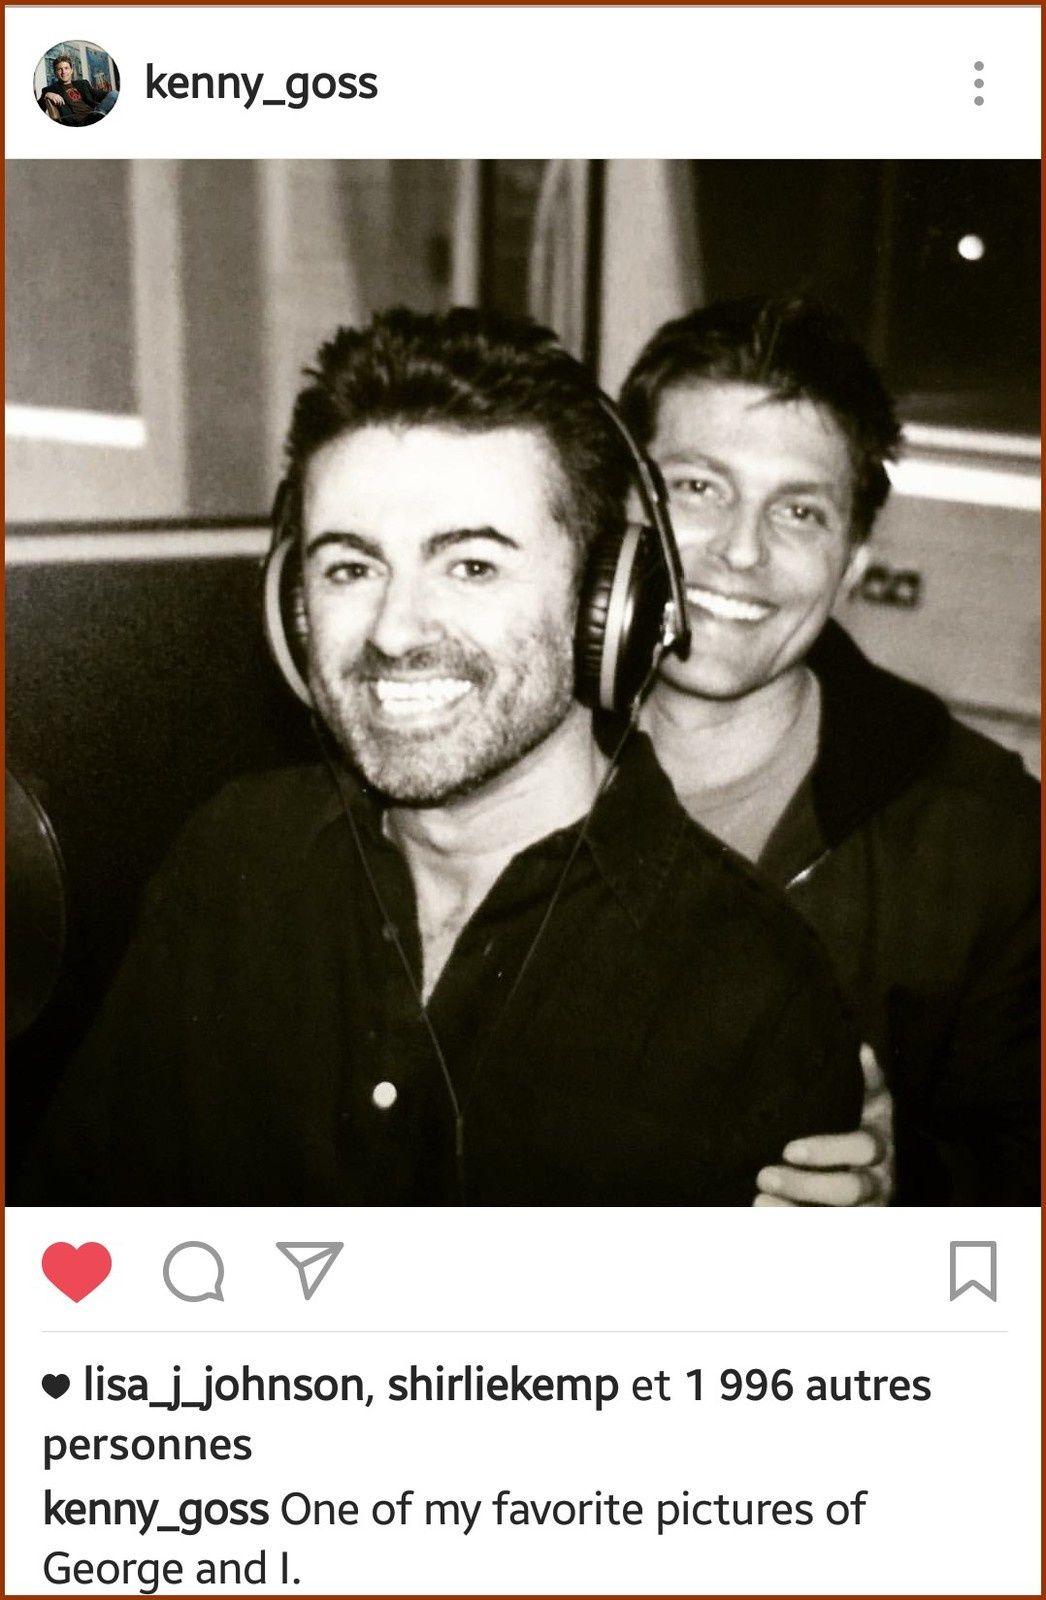 Kenny Goss Instagram